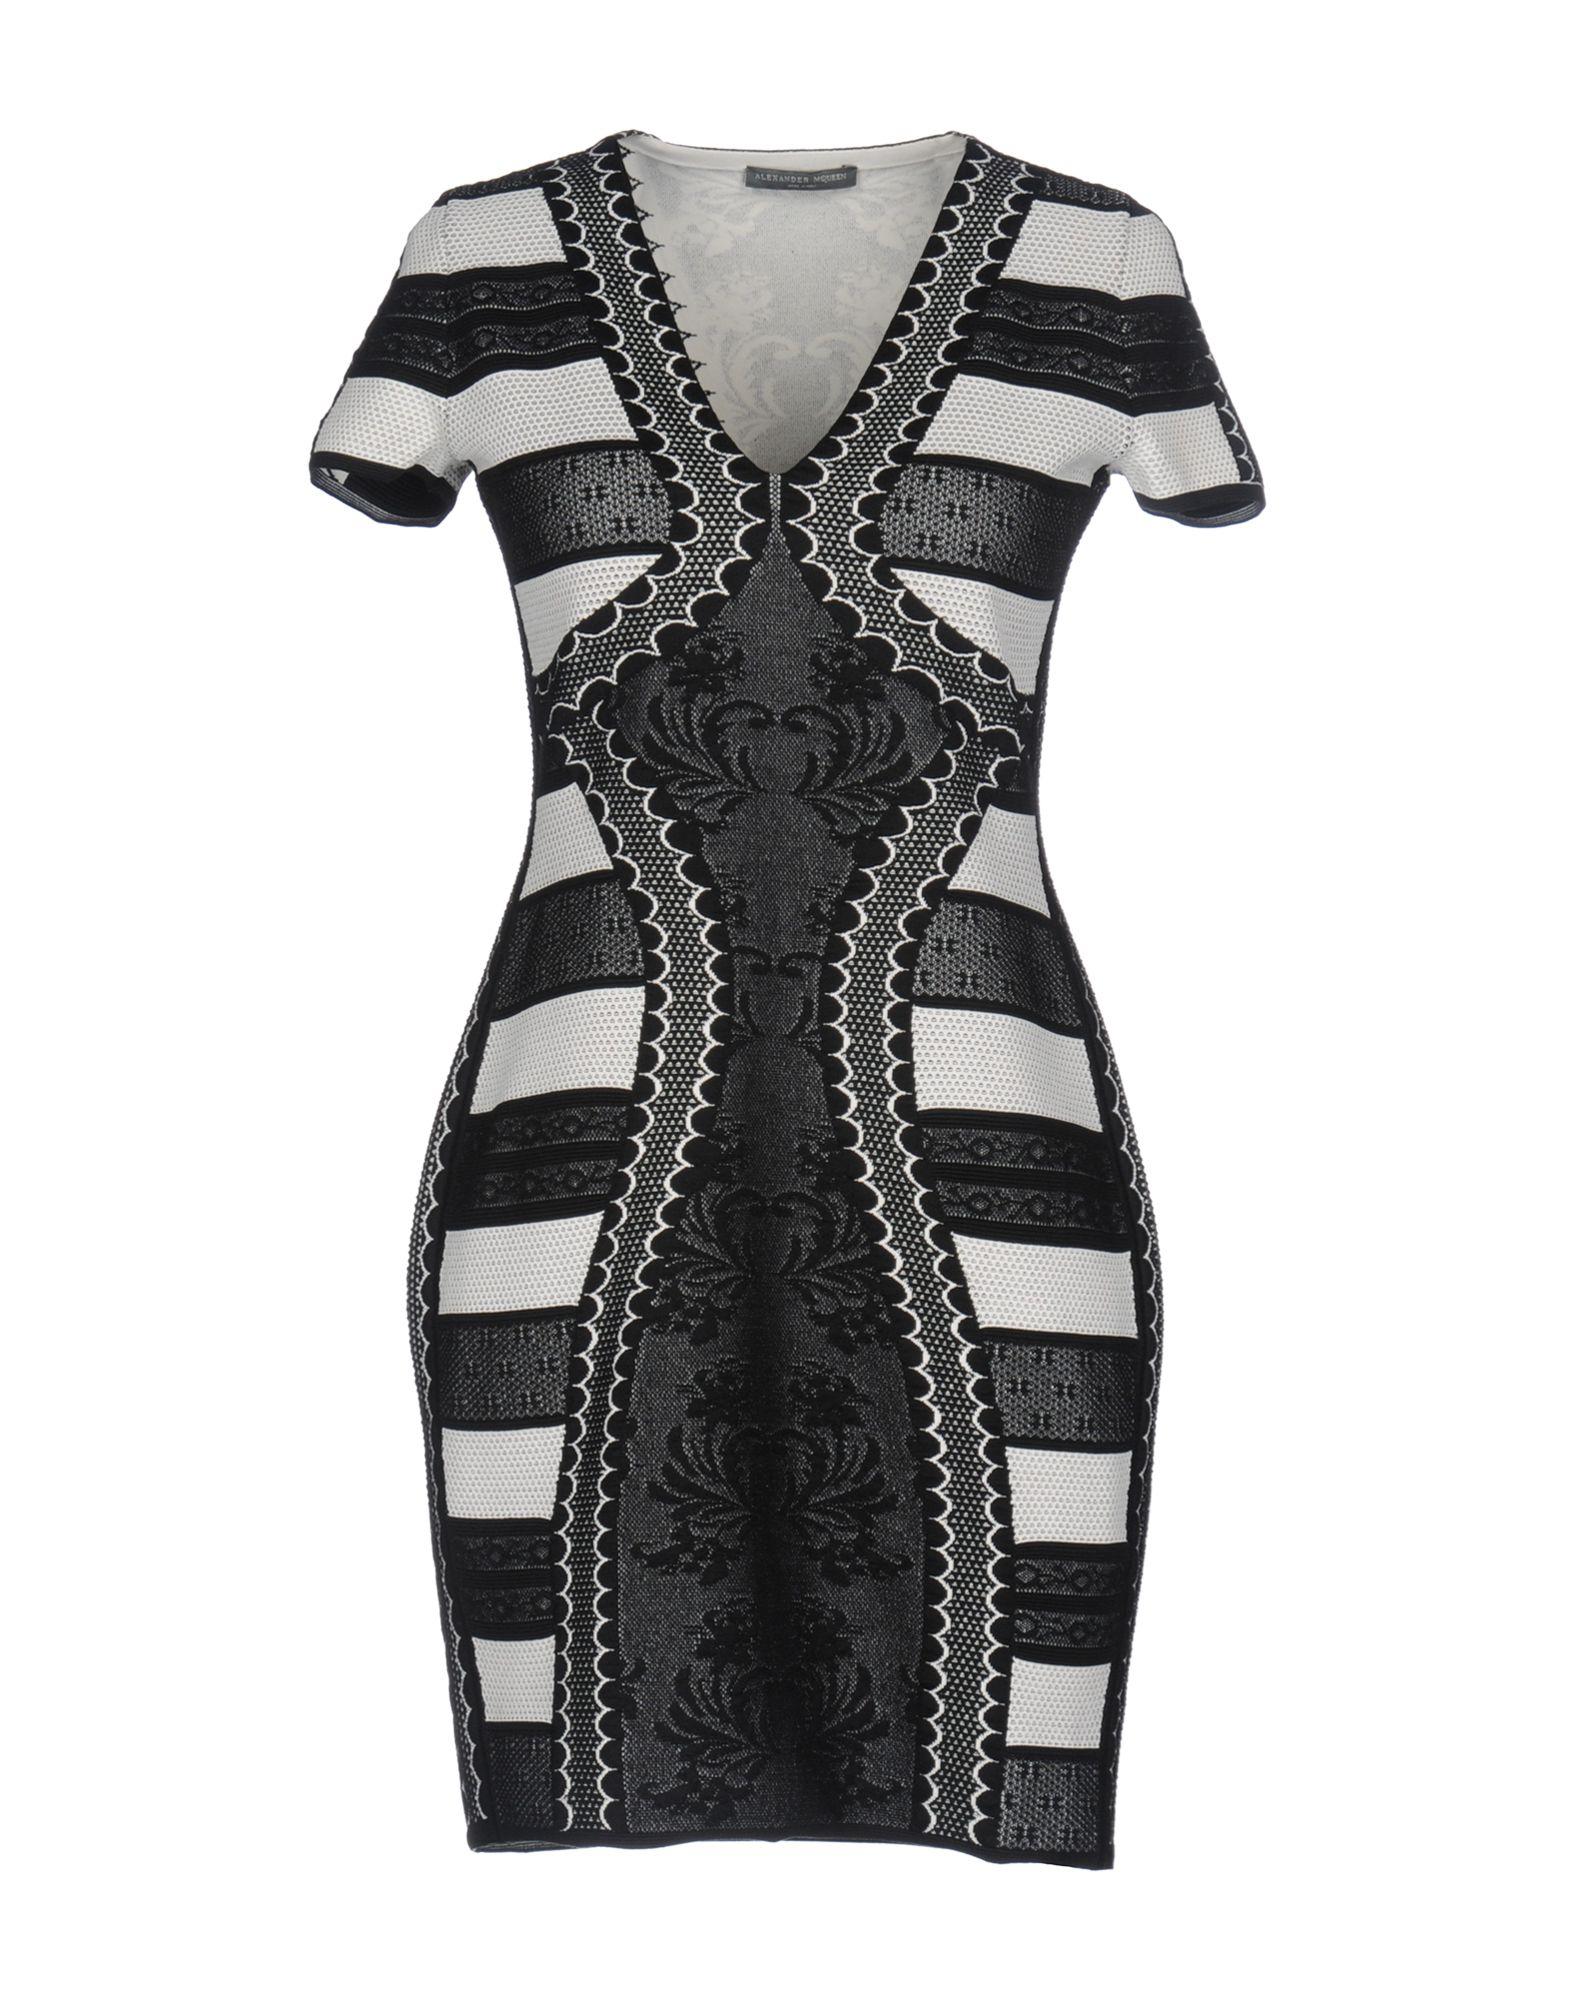 ALEXANDER MCQUEEN Damen Kurzes Kleid Farbe Schwarz Größe 3